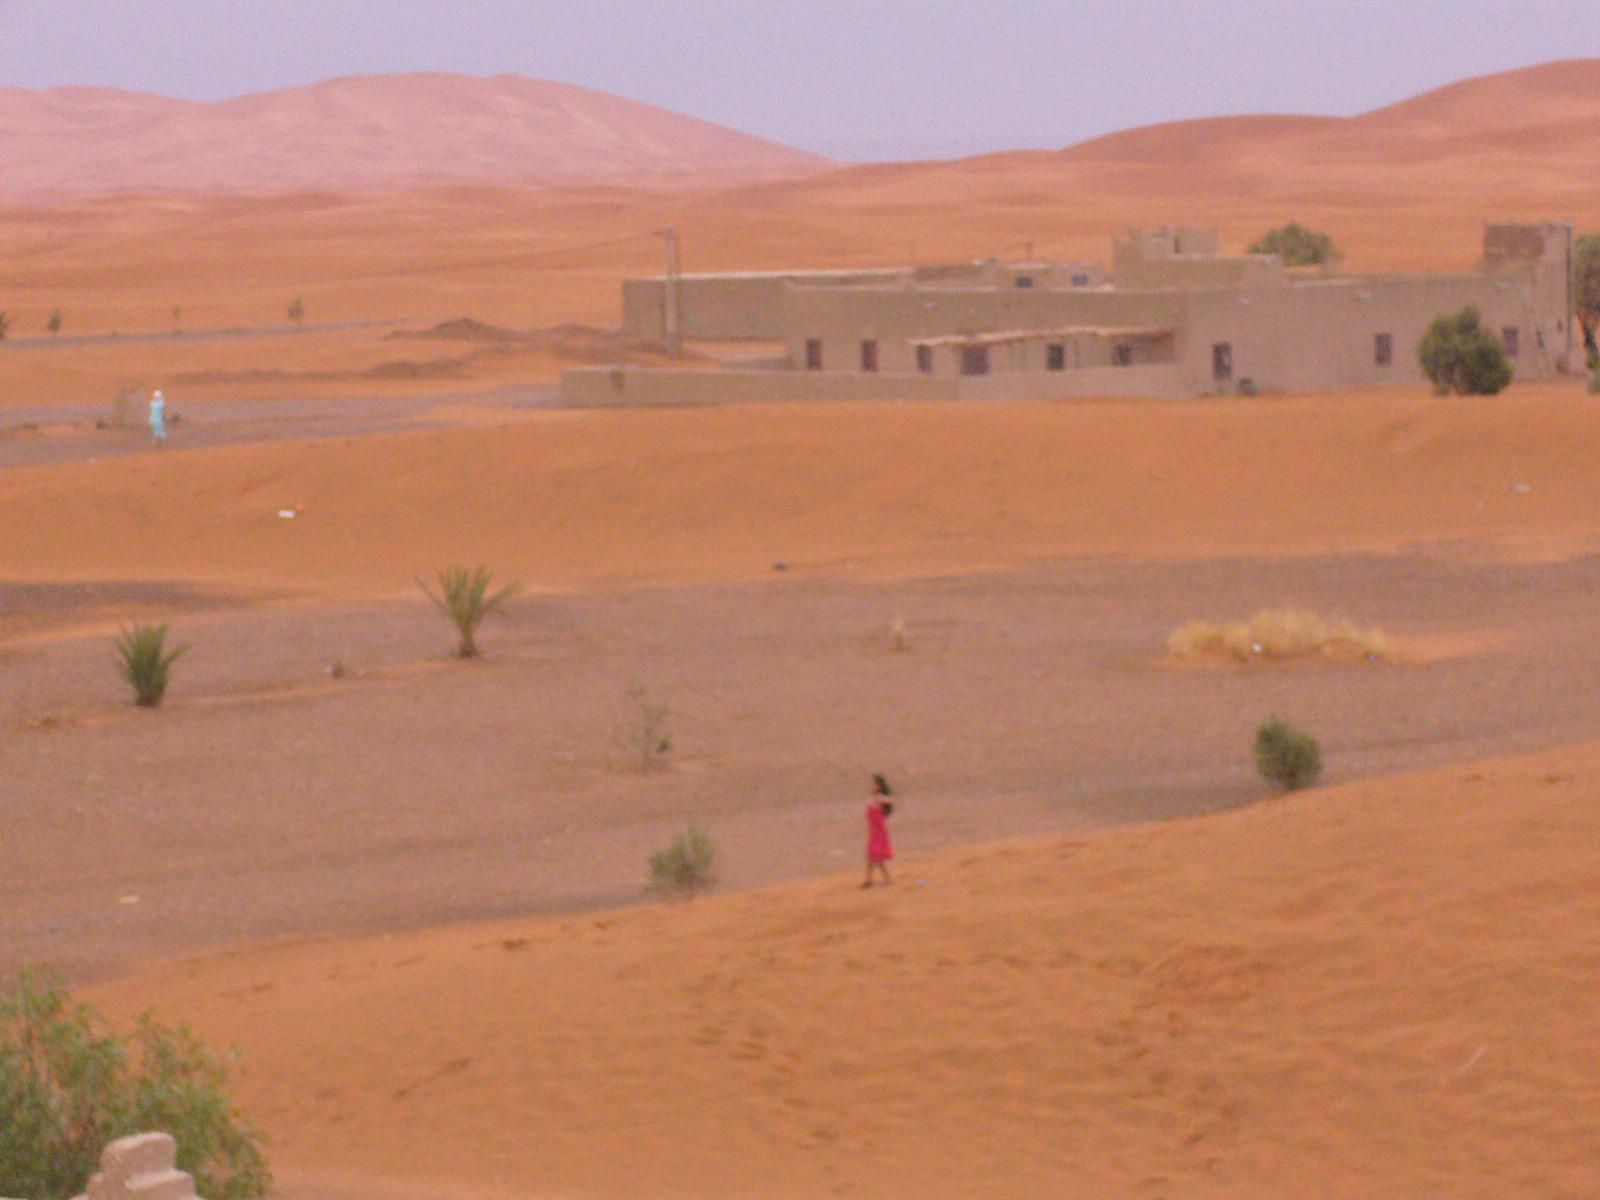 Foto für Blogs Marokko 4